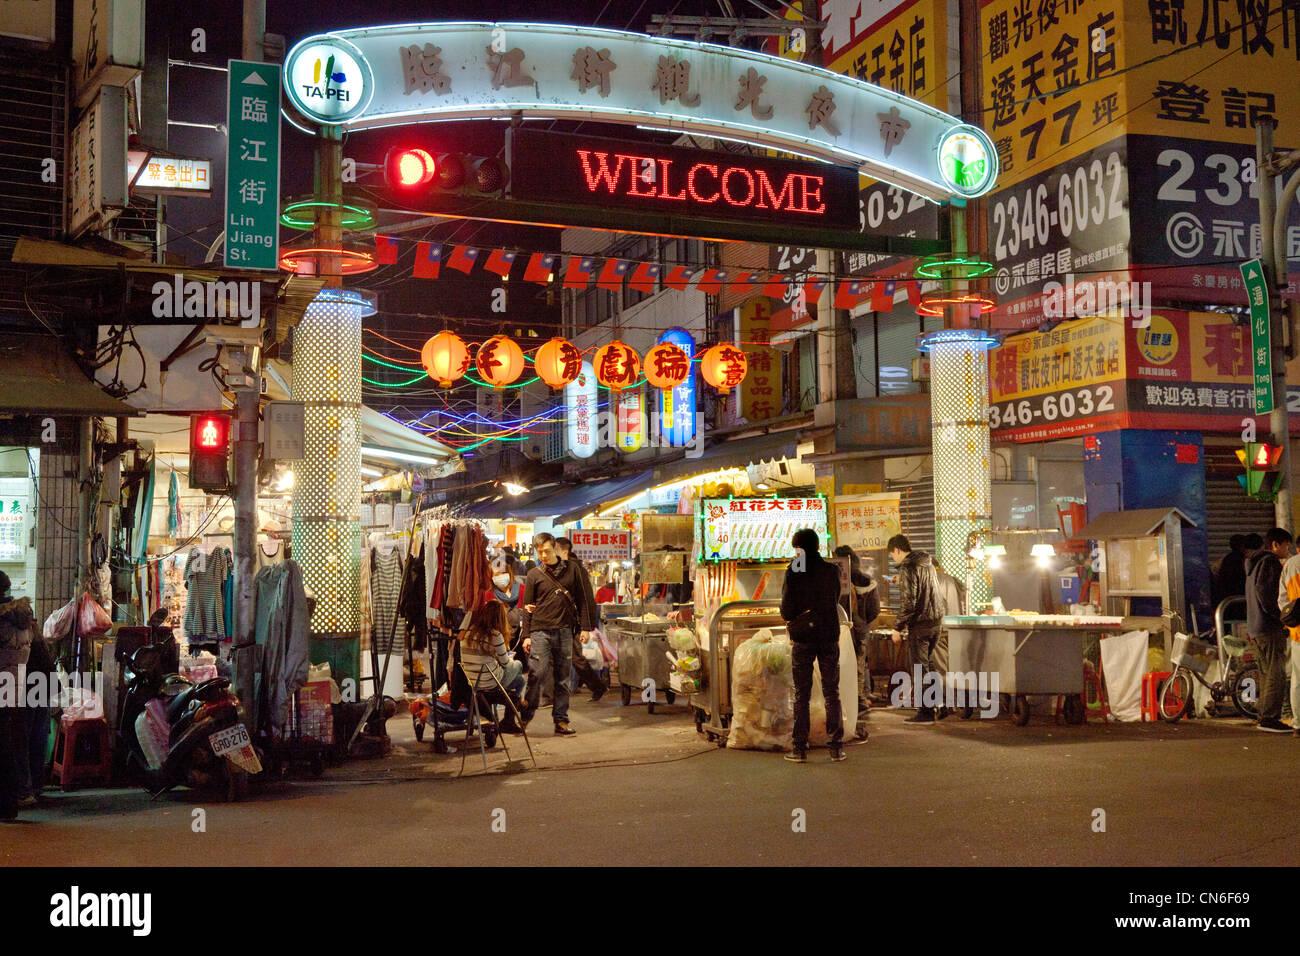 Entrada a la calle Tonghua Linjiang (mercado nocturno) Taipei Taiwán. JMH5751 Imagen De Stock